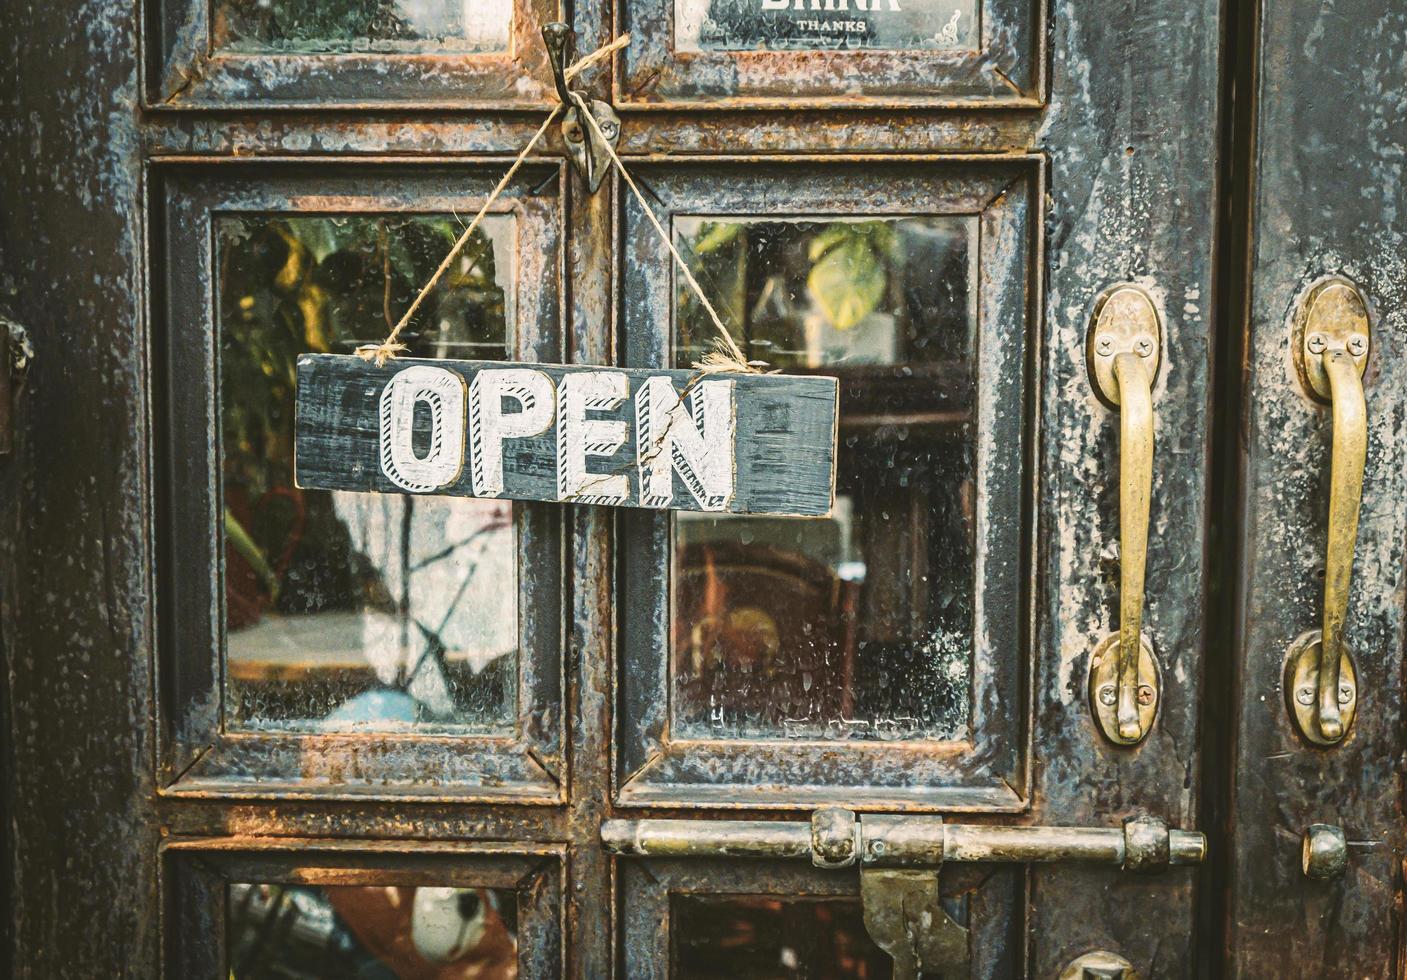 öppet skylt hängande på vintage dörr foto